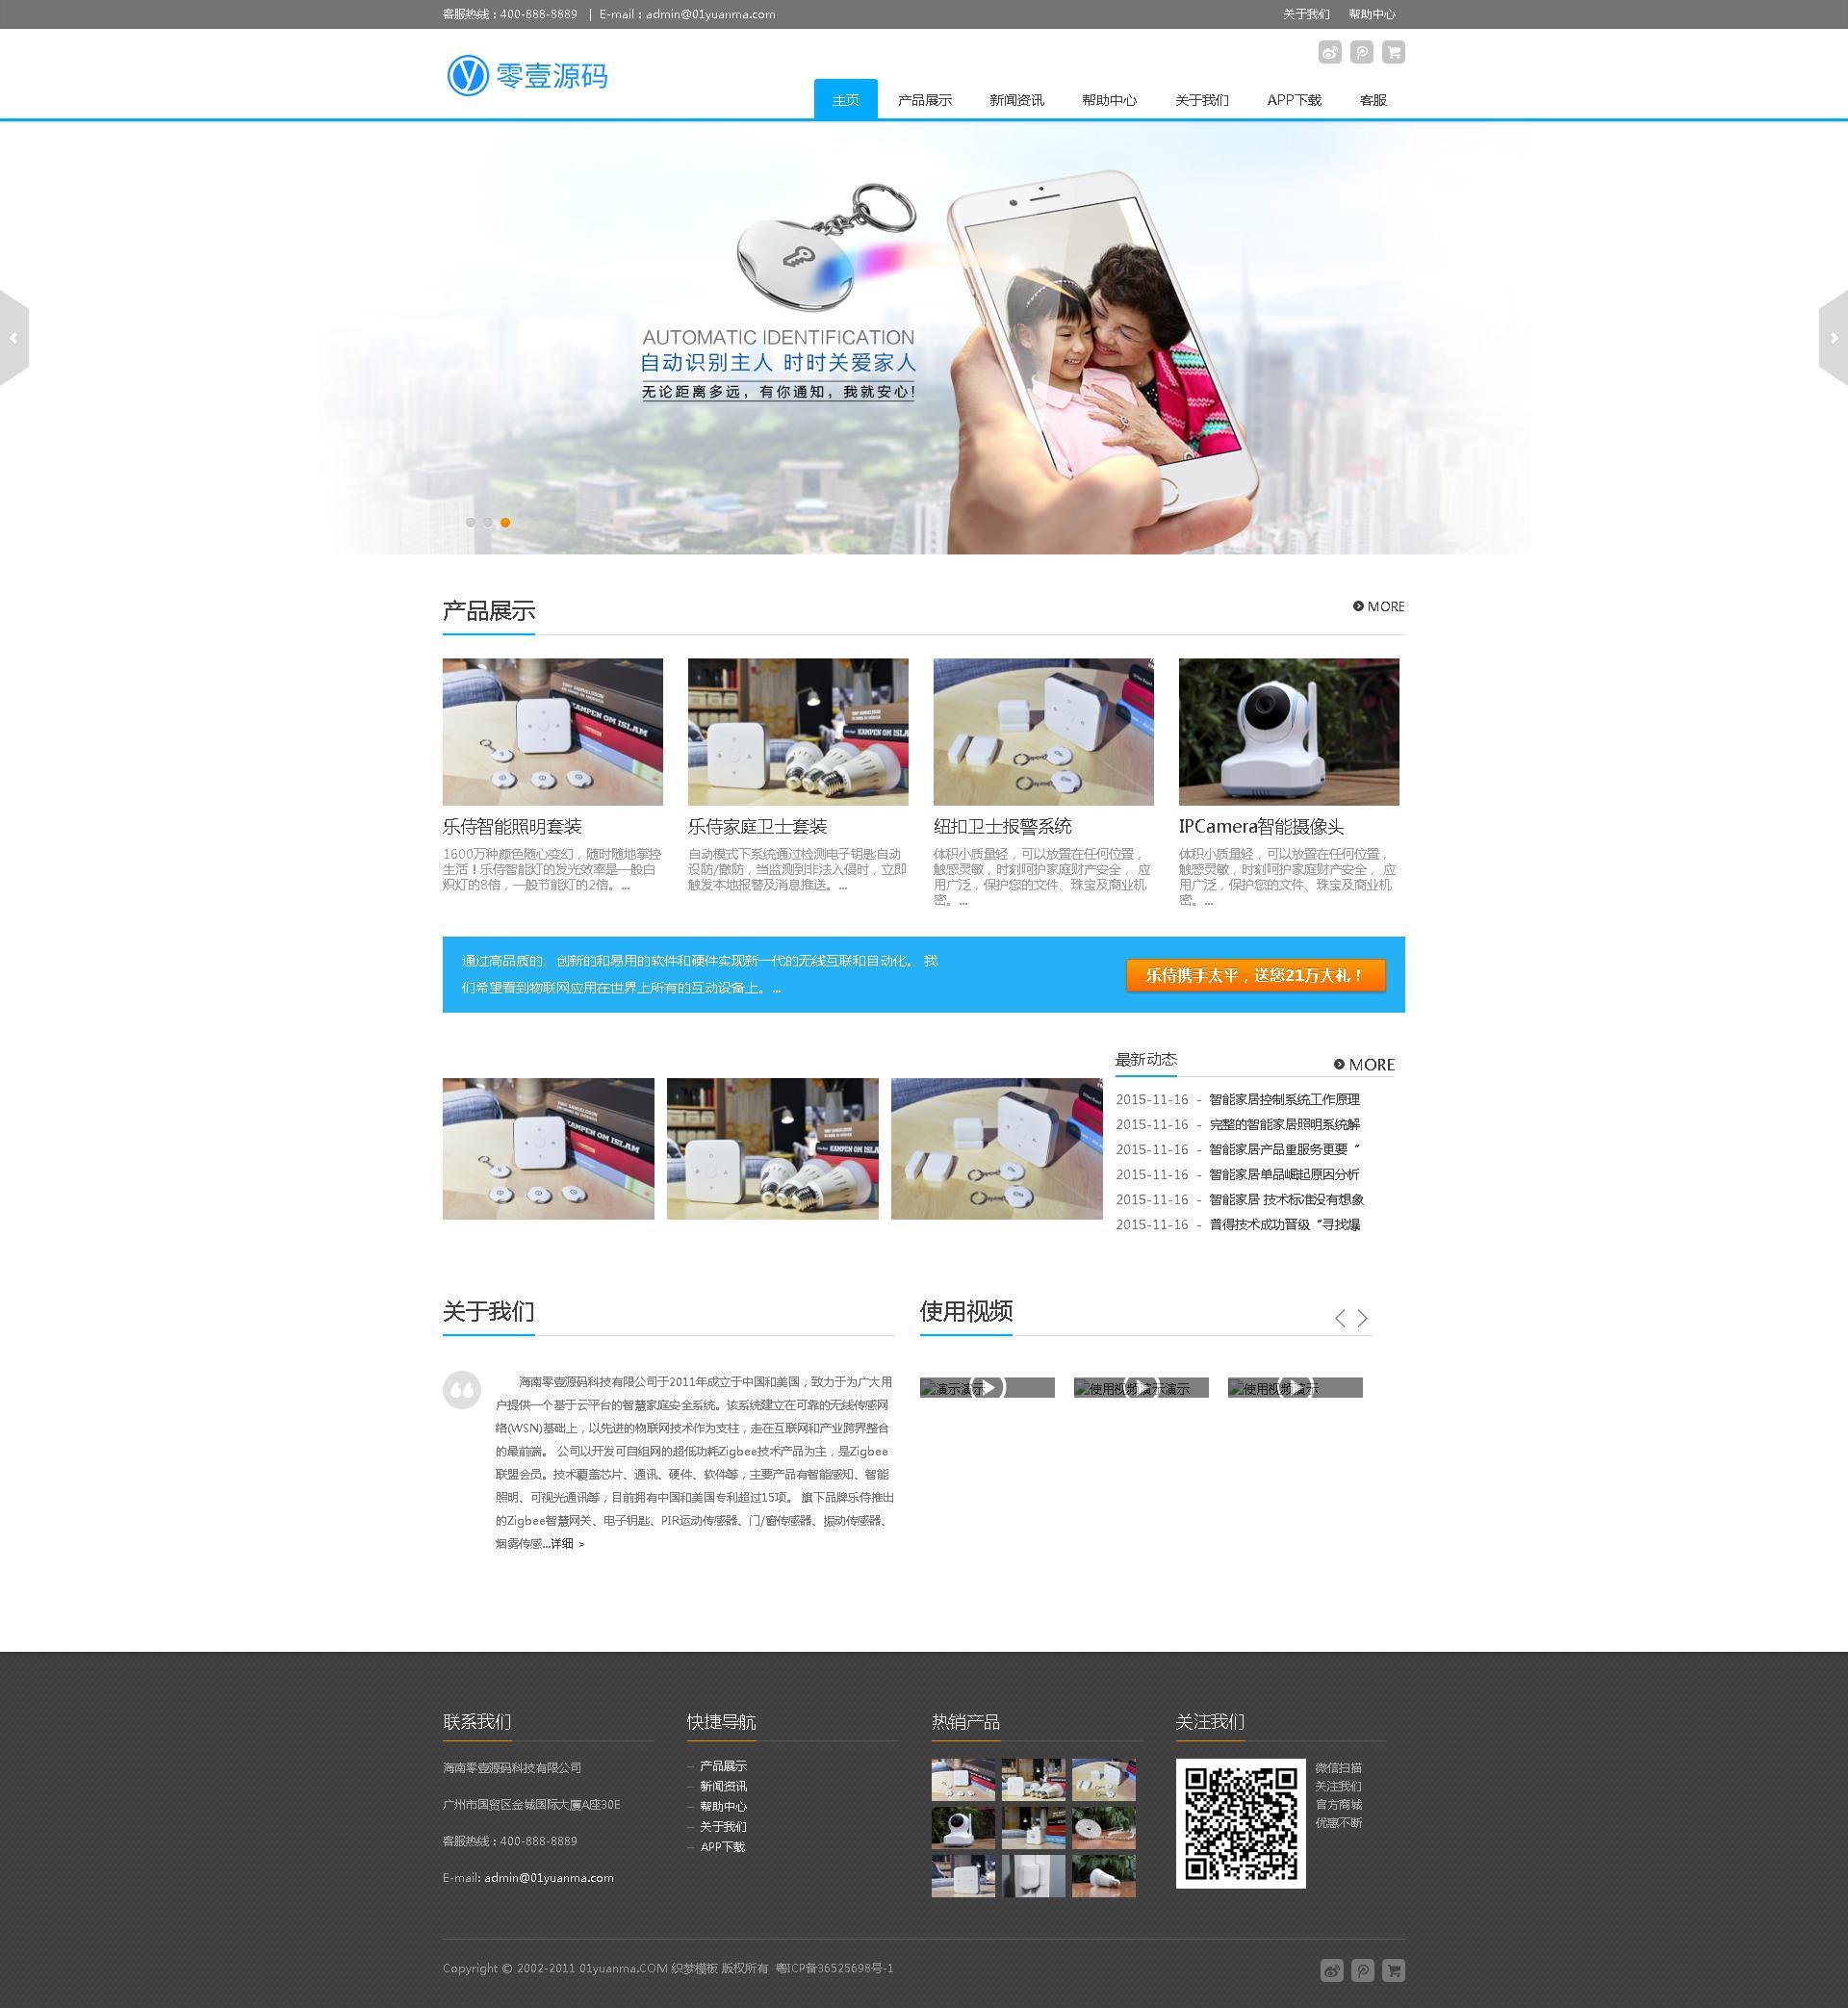 自适应电子防盗产品展示网站织梦dedecms模板